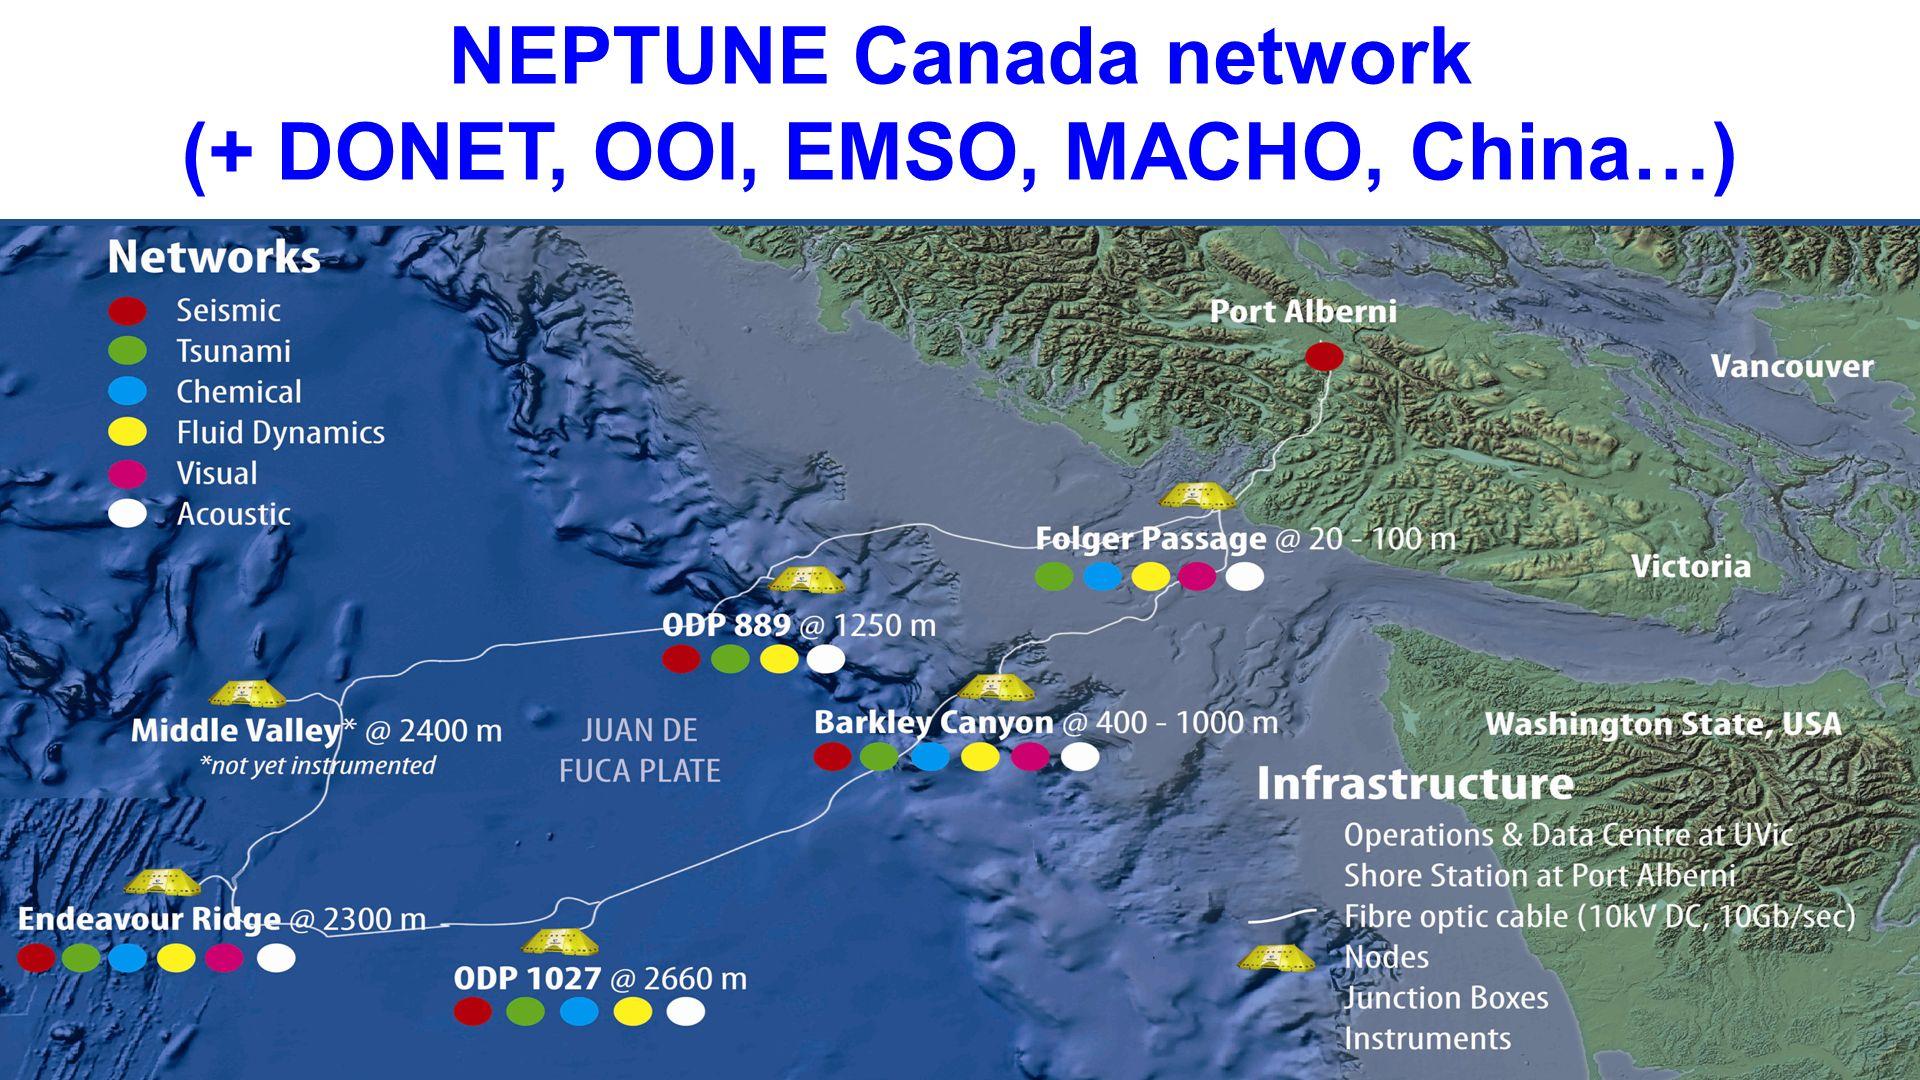 NEPTUNE Canada network (+ DONET, OOI, EMSO, MACHO, China…)